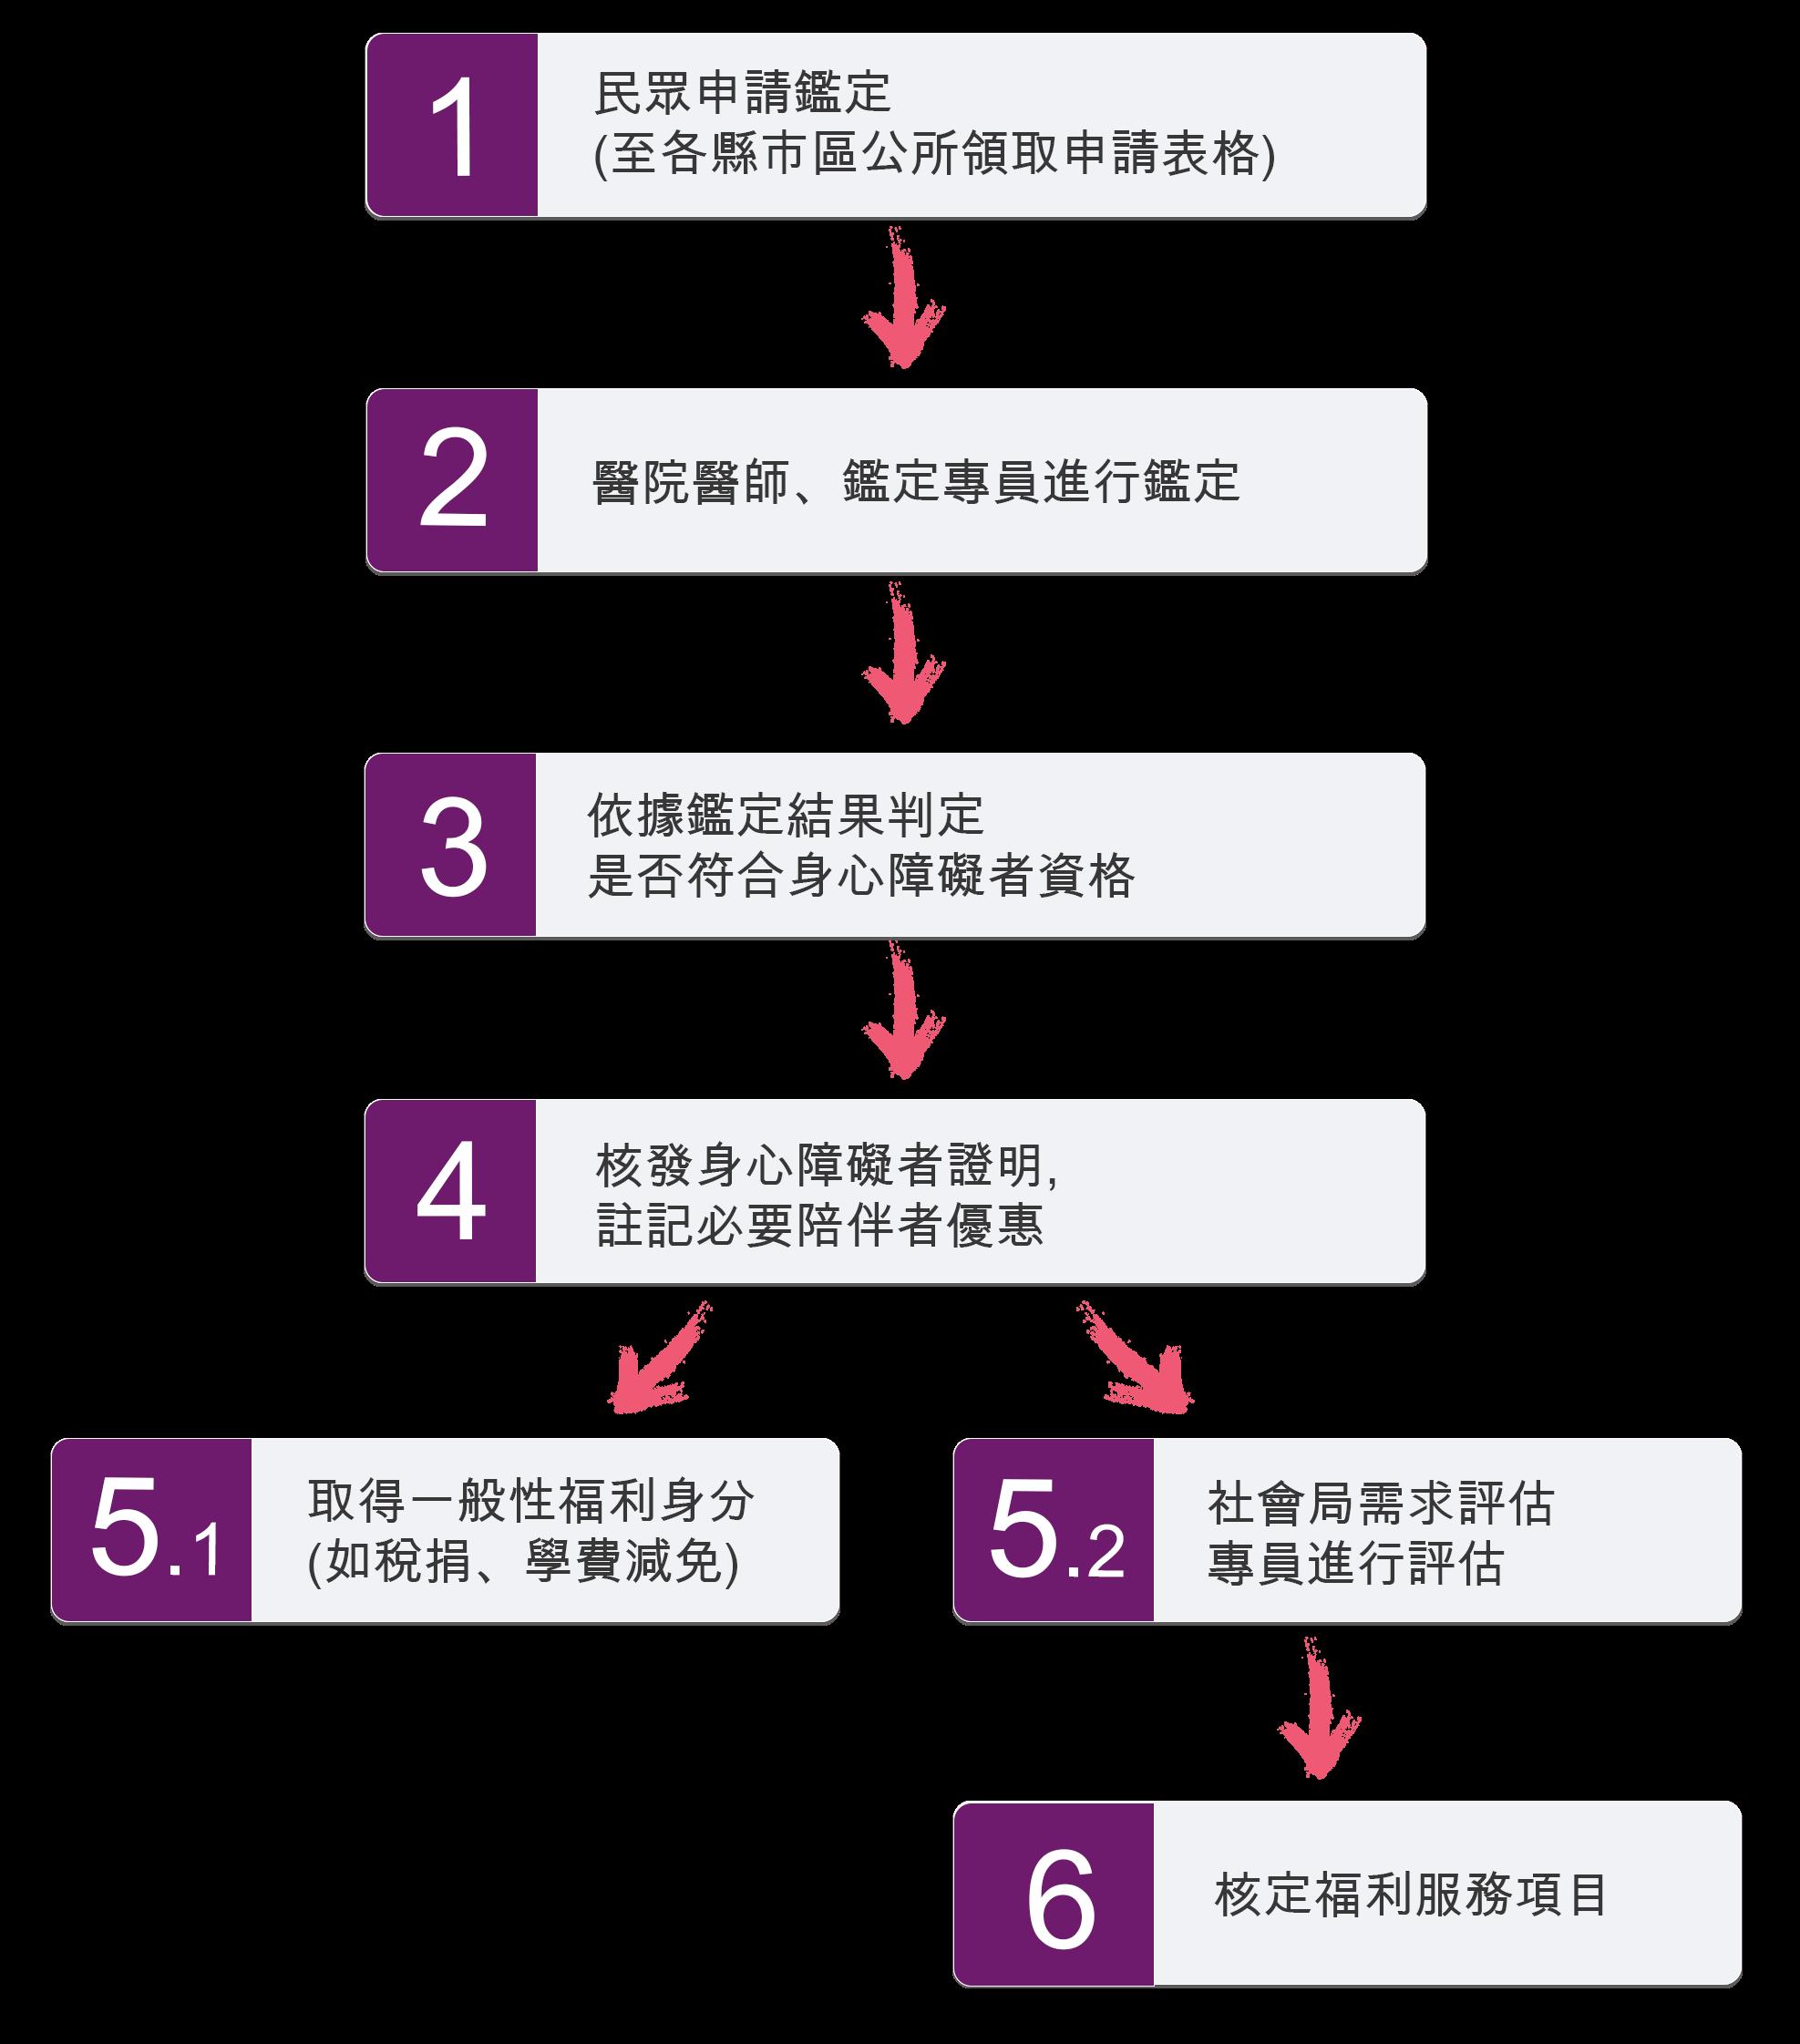 障礙手冊證明鑑定流程